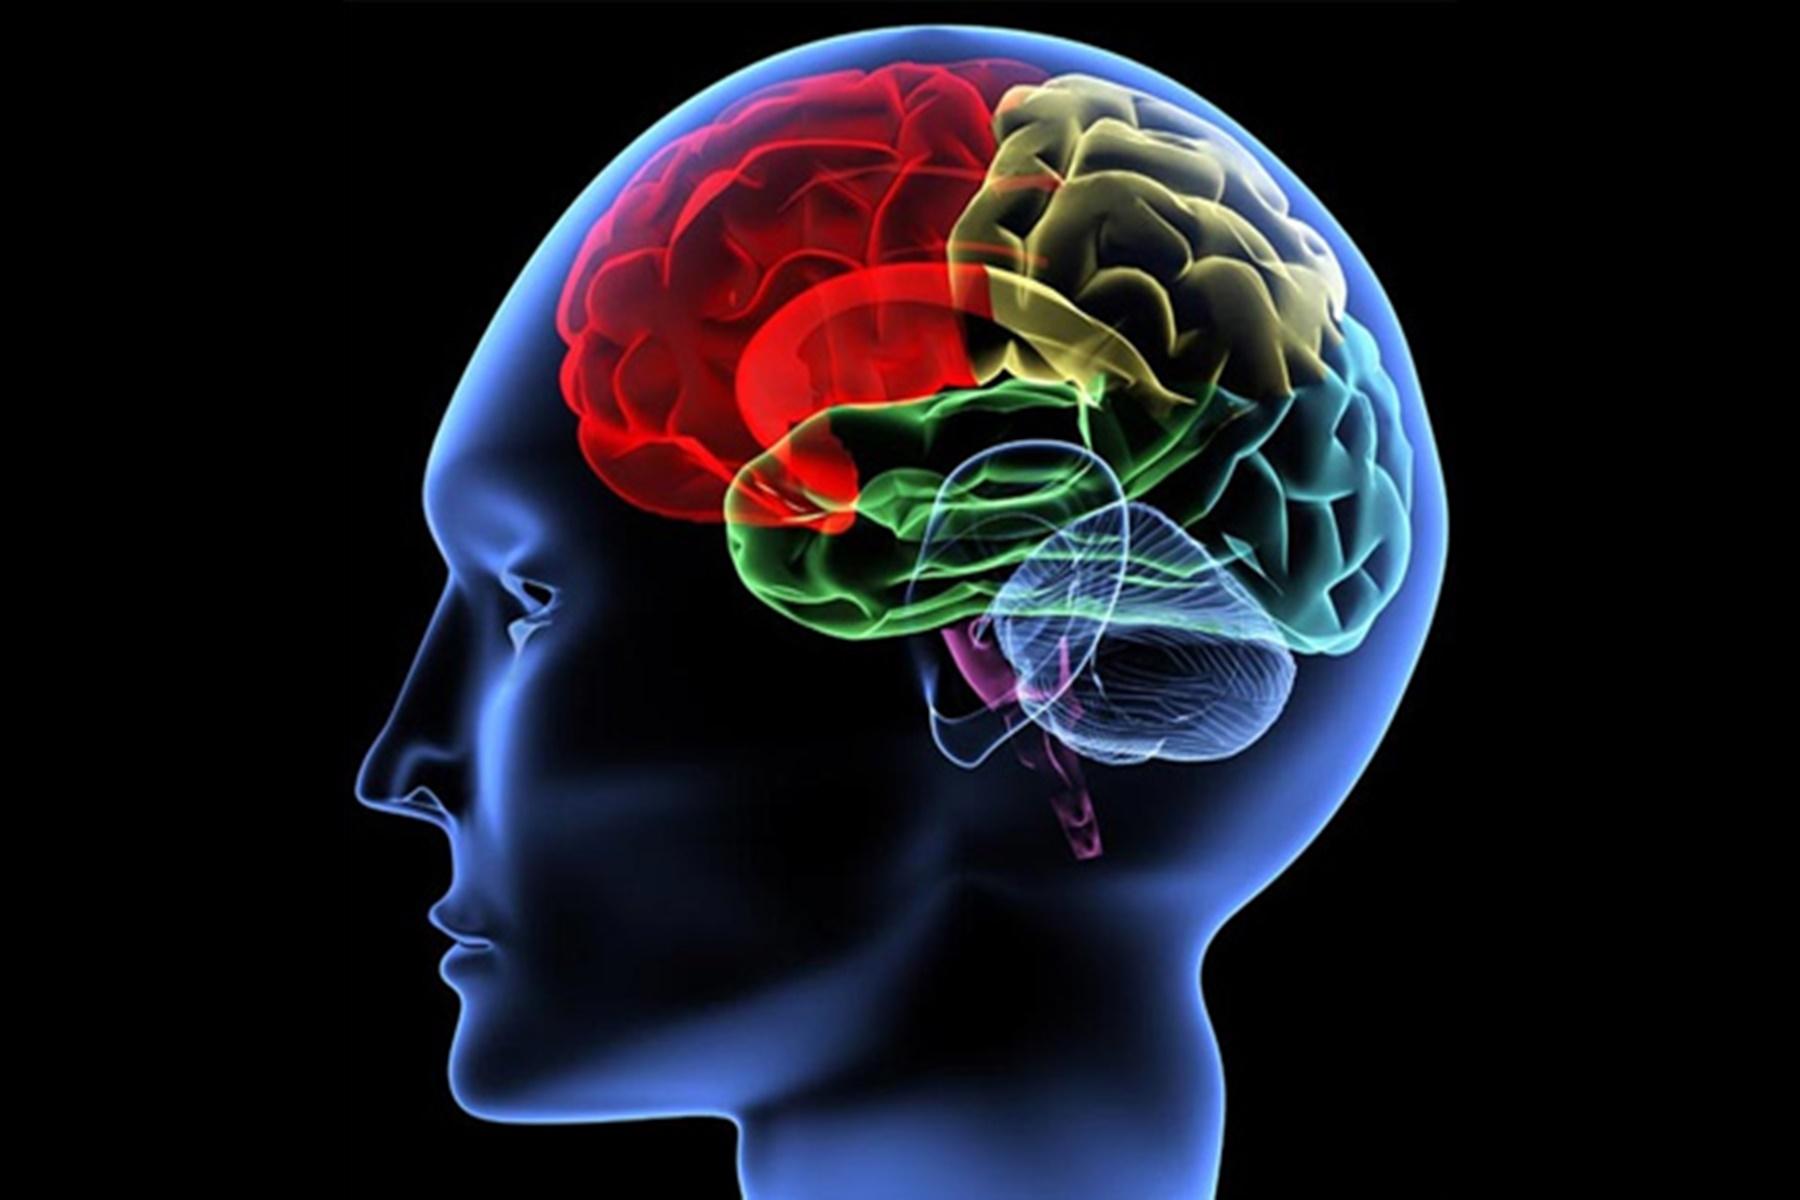 Τραυματισμός στο κεφάλι : Τα βήματα που ακολουθούνται για την ανίχνευση του